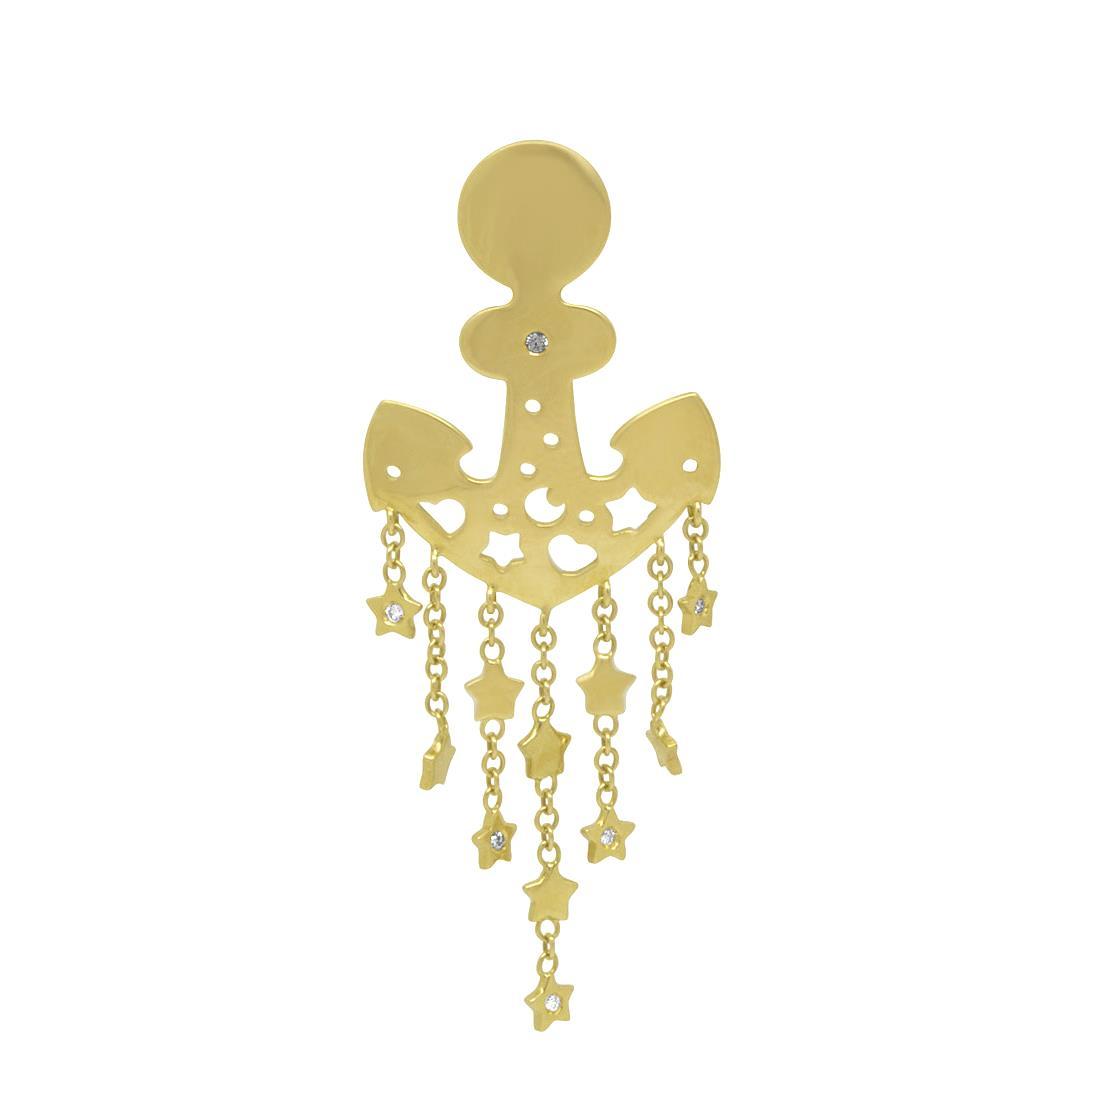 Monoorecchino in oro giallo e diamanti - PASQUALE BRUNI